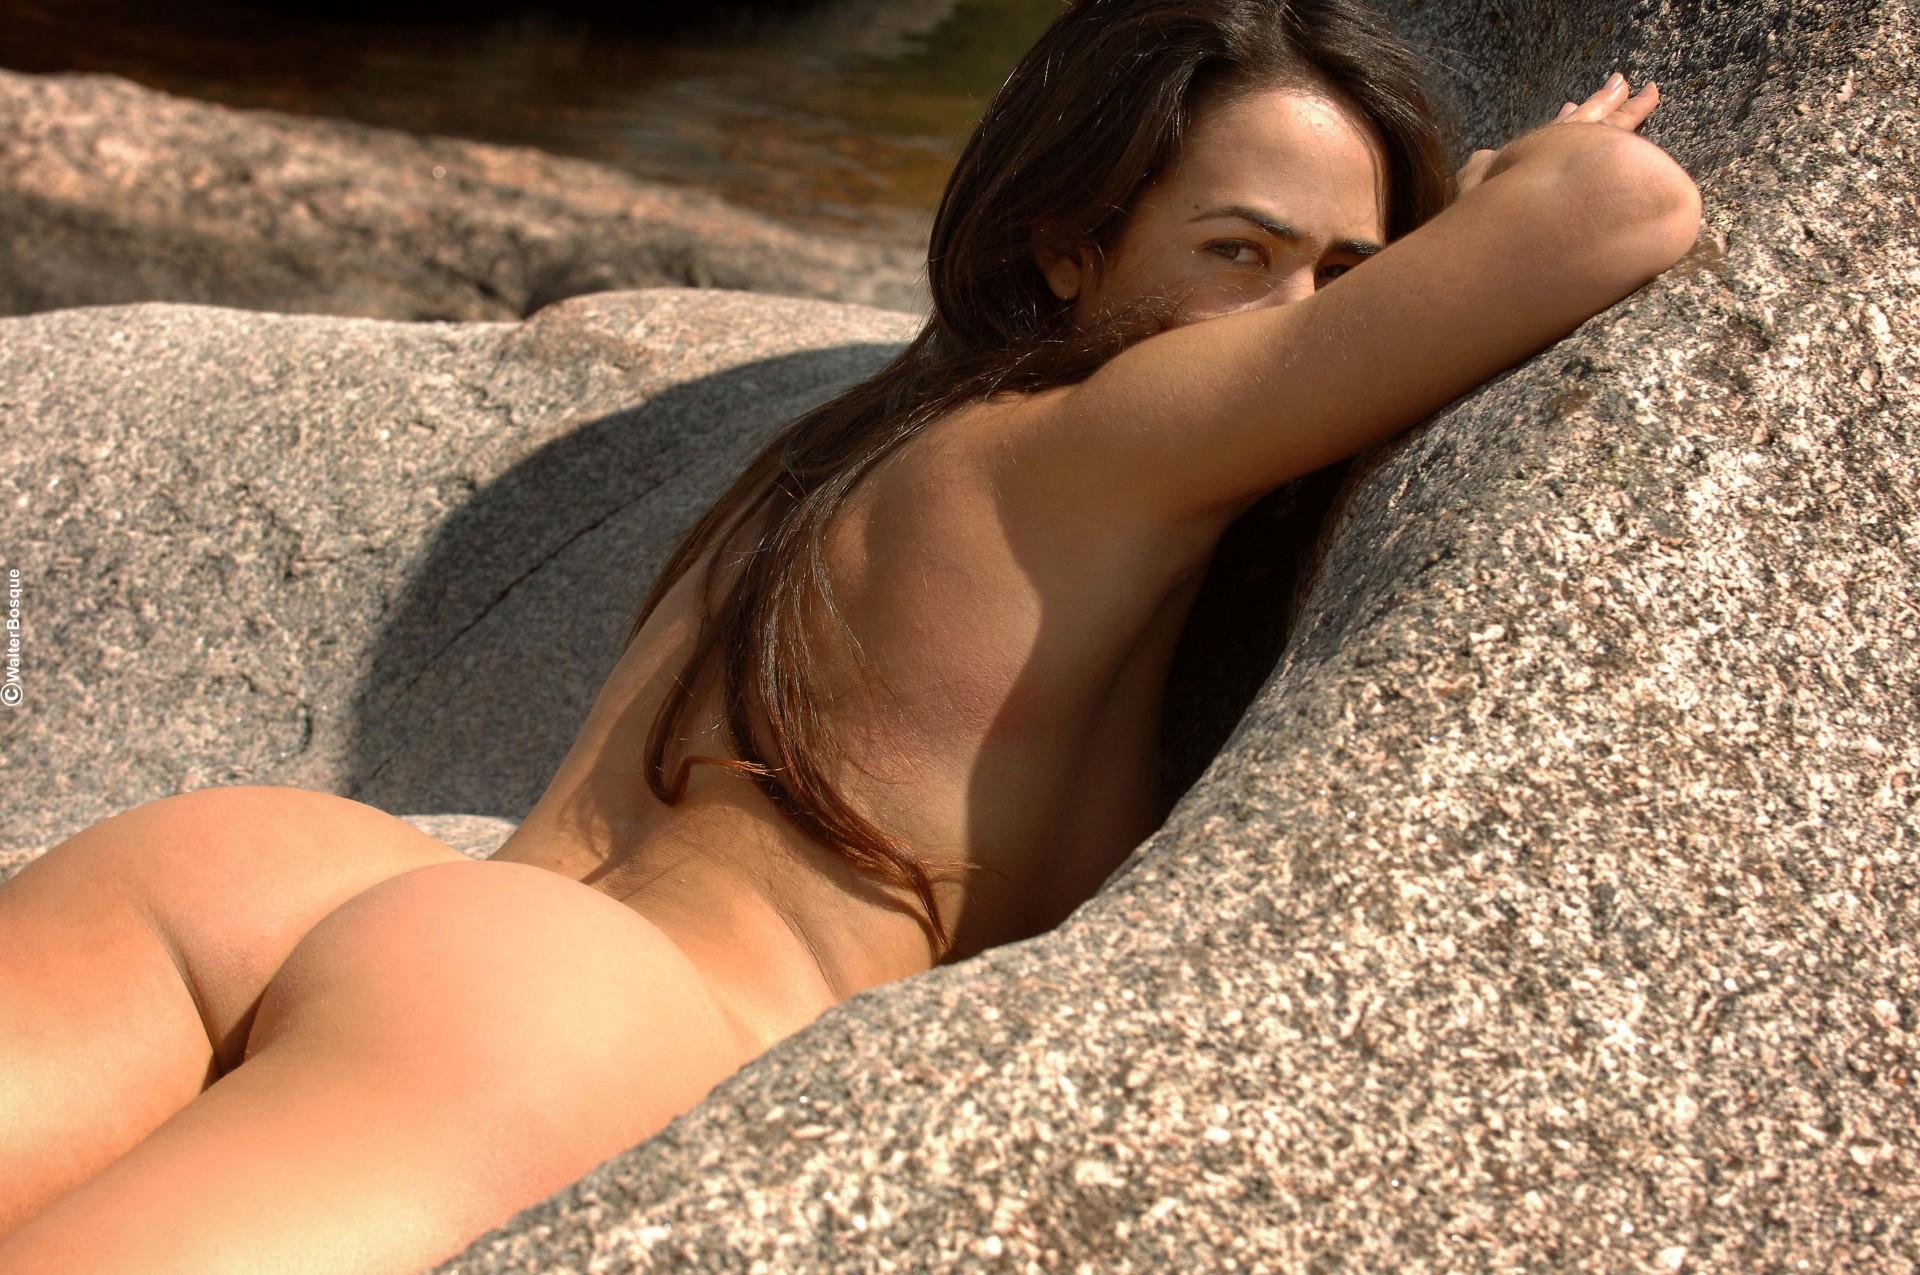 Пизды онлайн картинки голые попки на рабочий стол эротика доктор порно